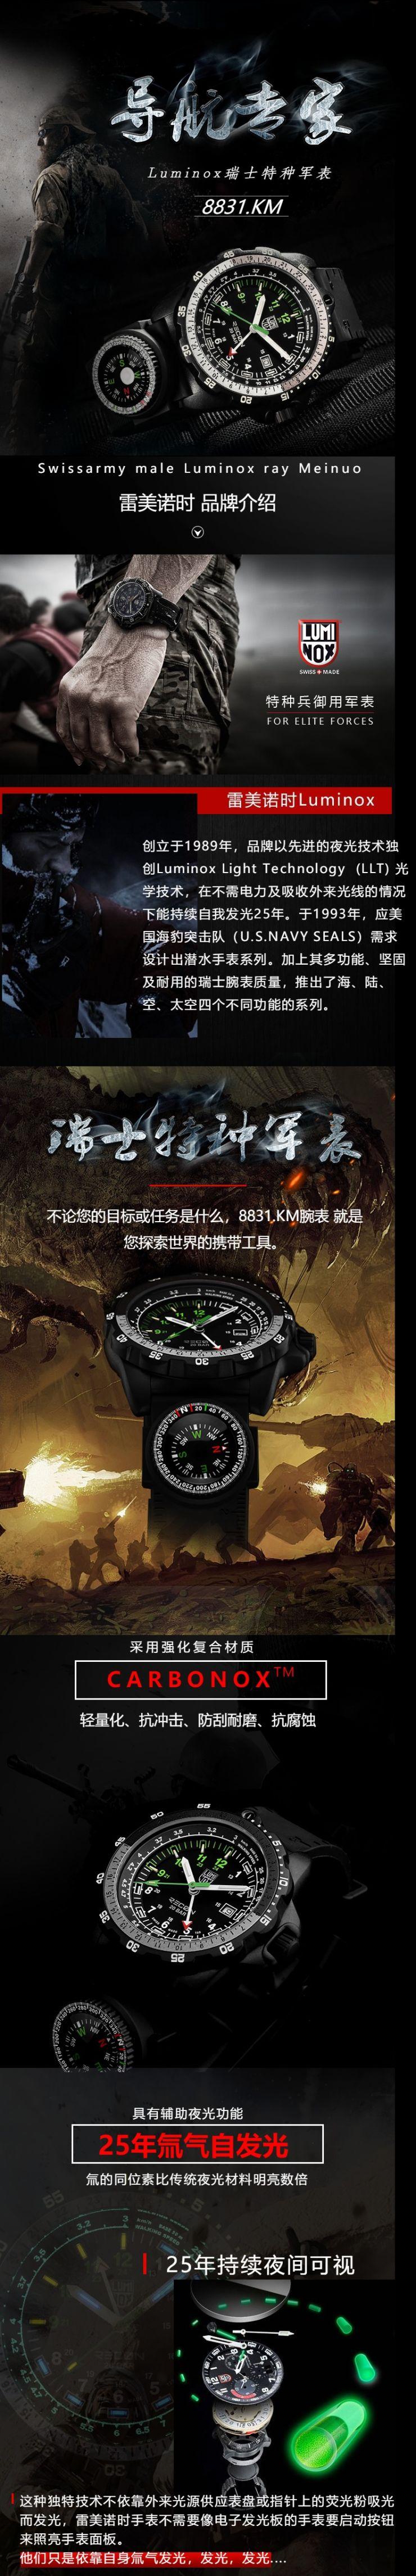 时尚炫酷手表电商详情页